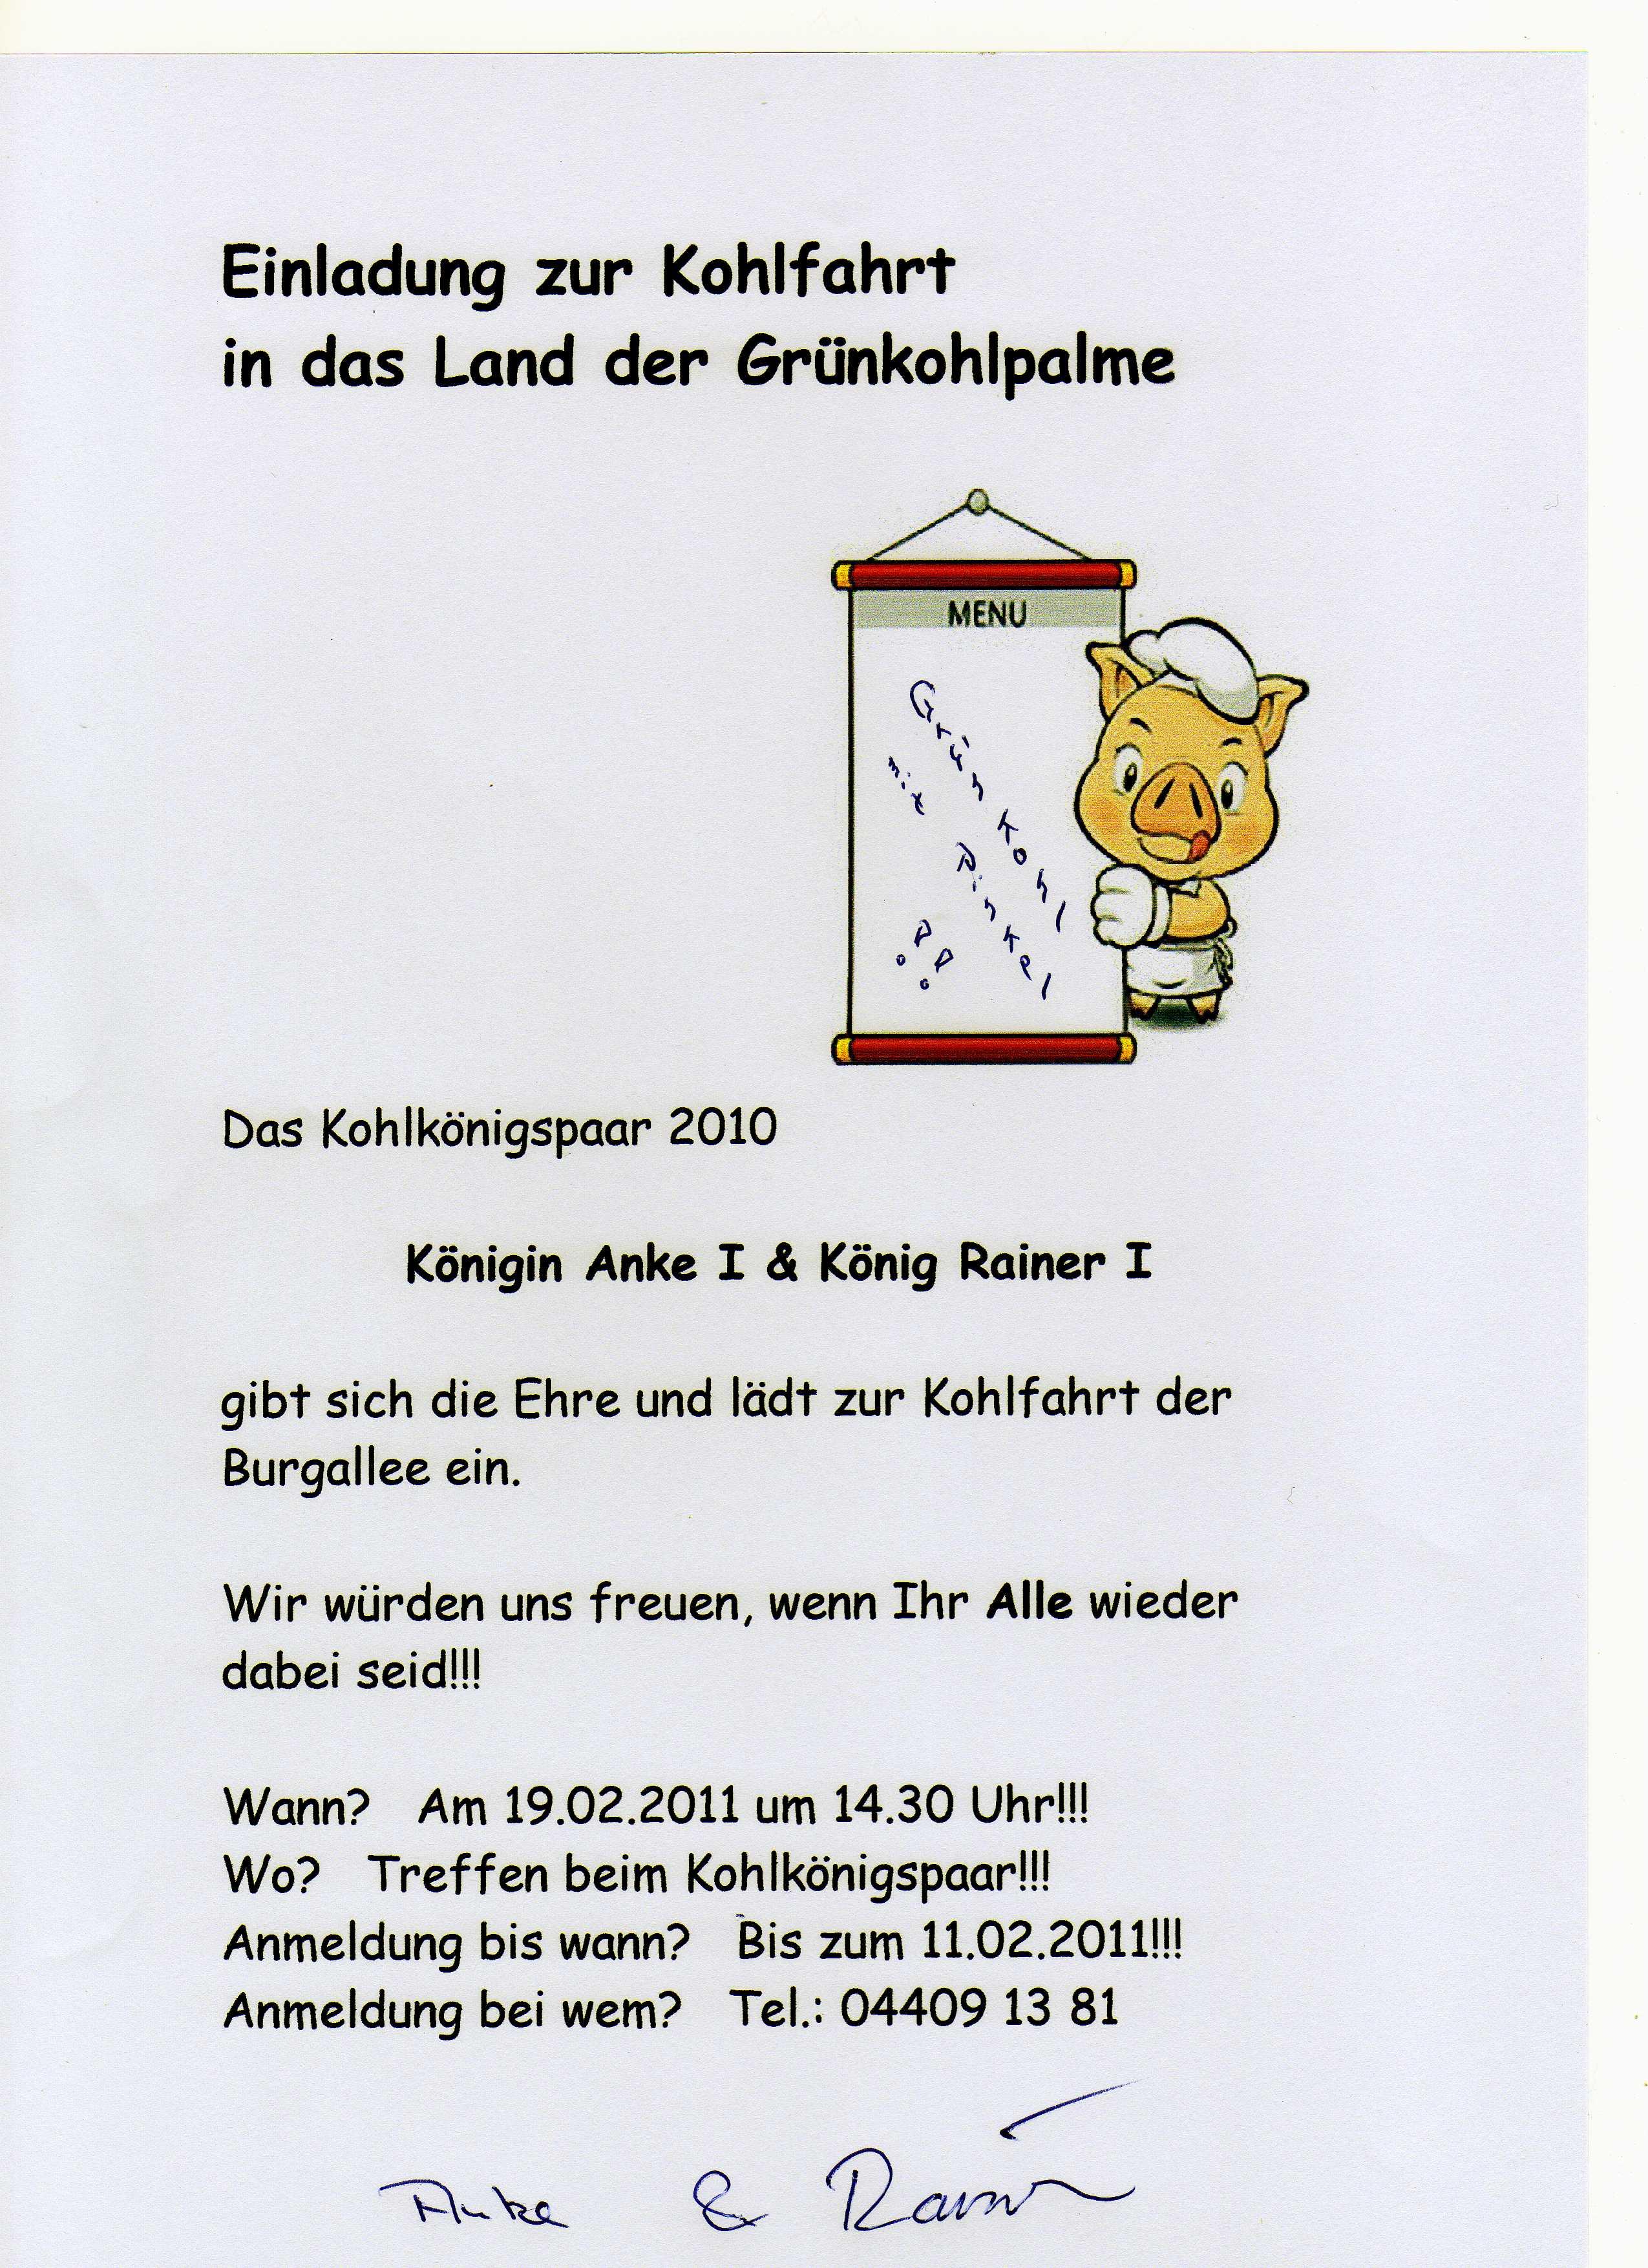 kohlfahrt 2011 | mein apen, Einladung